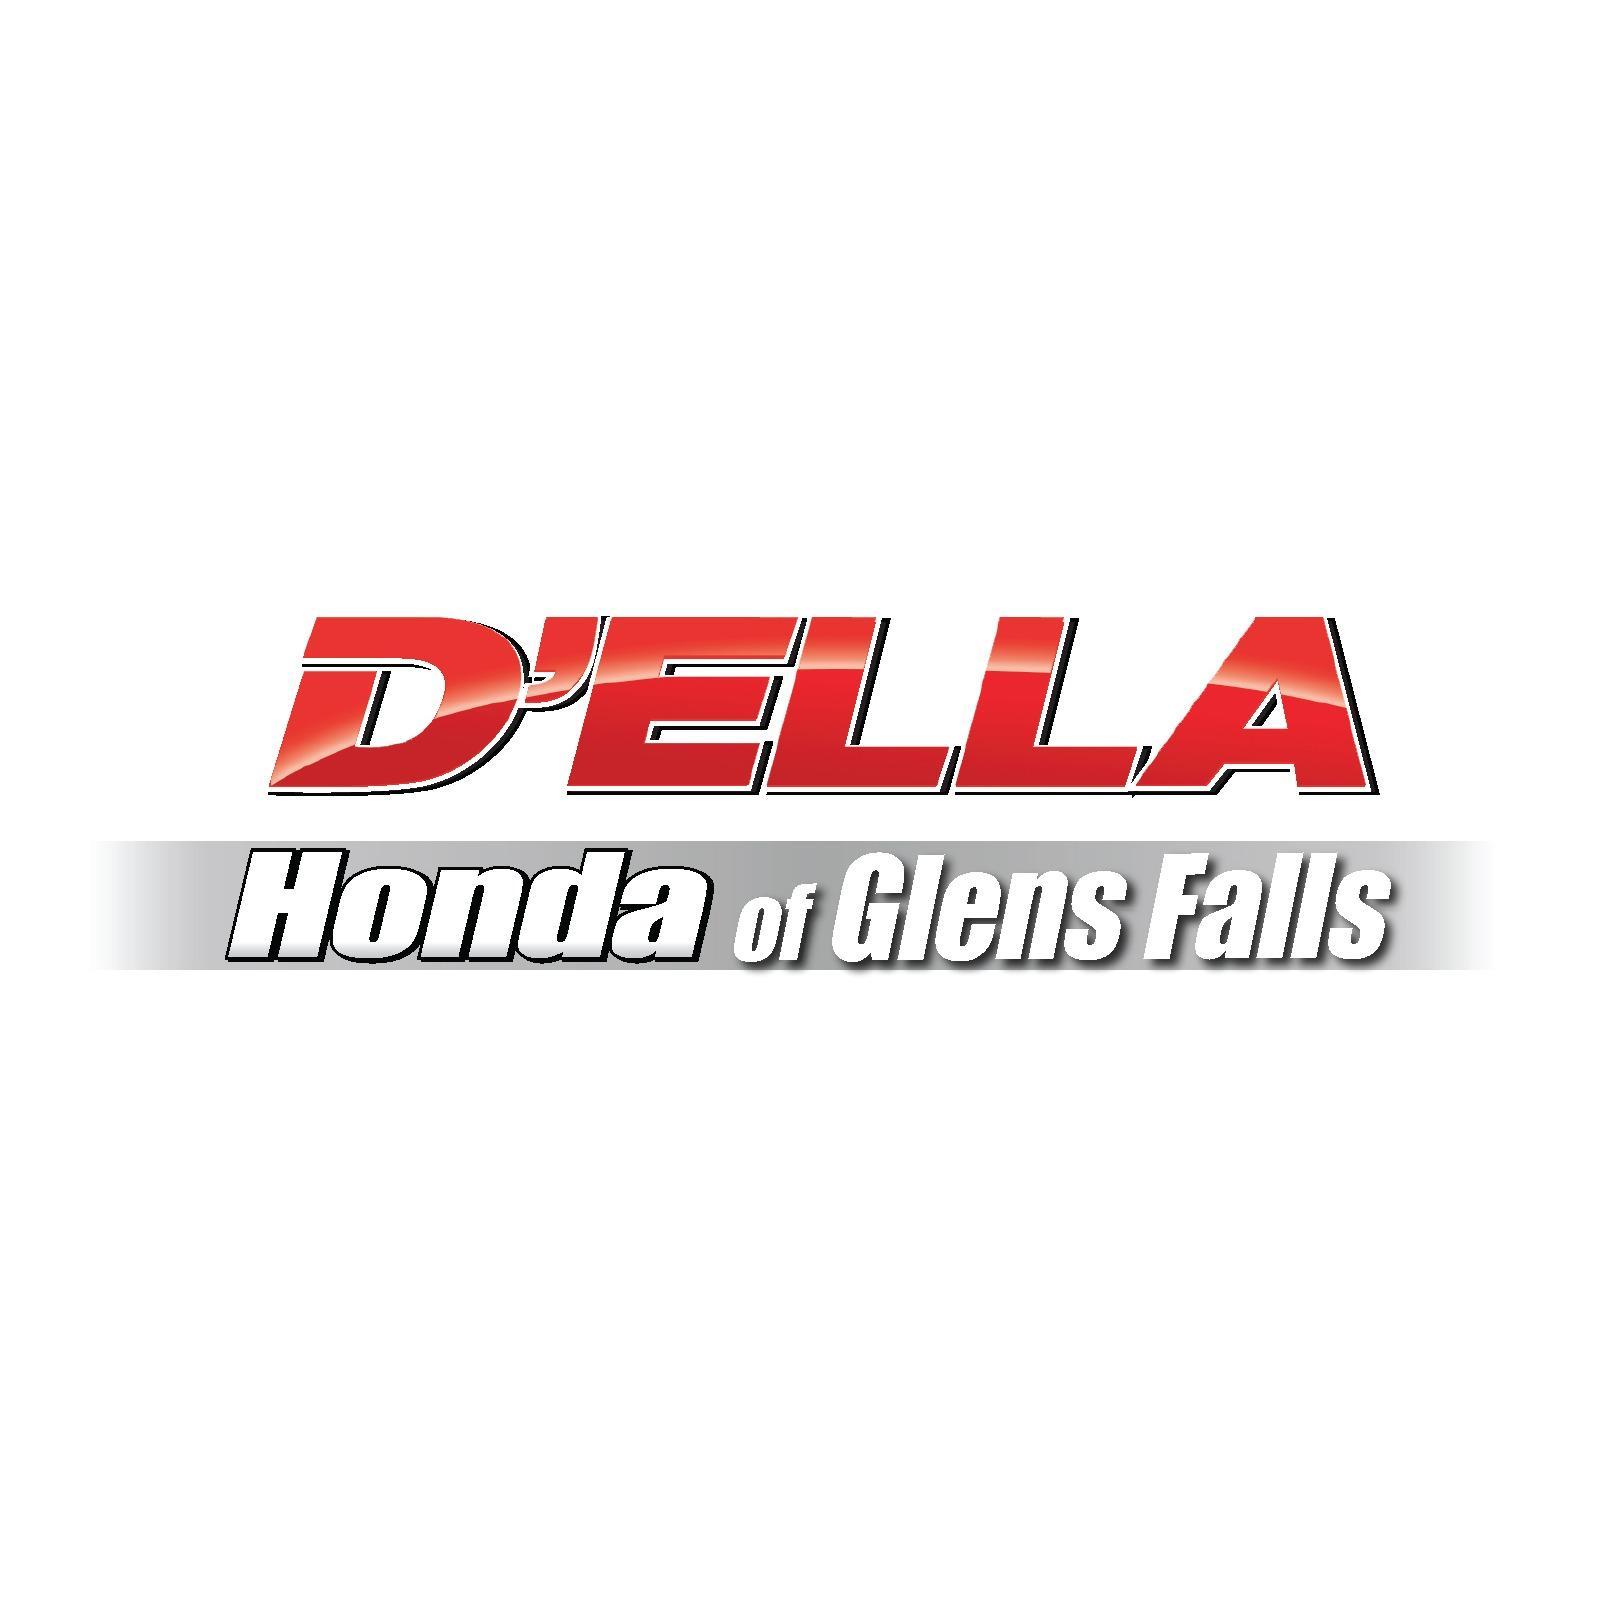 D'ELLA Honda of Glens Falls